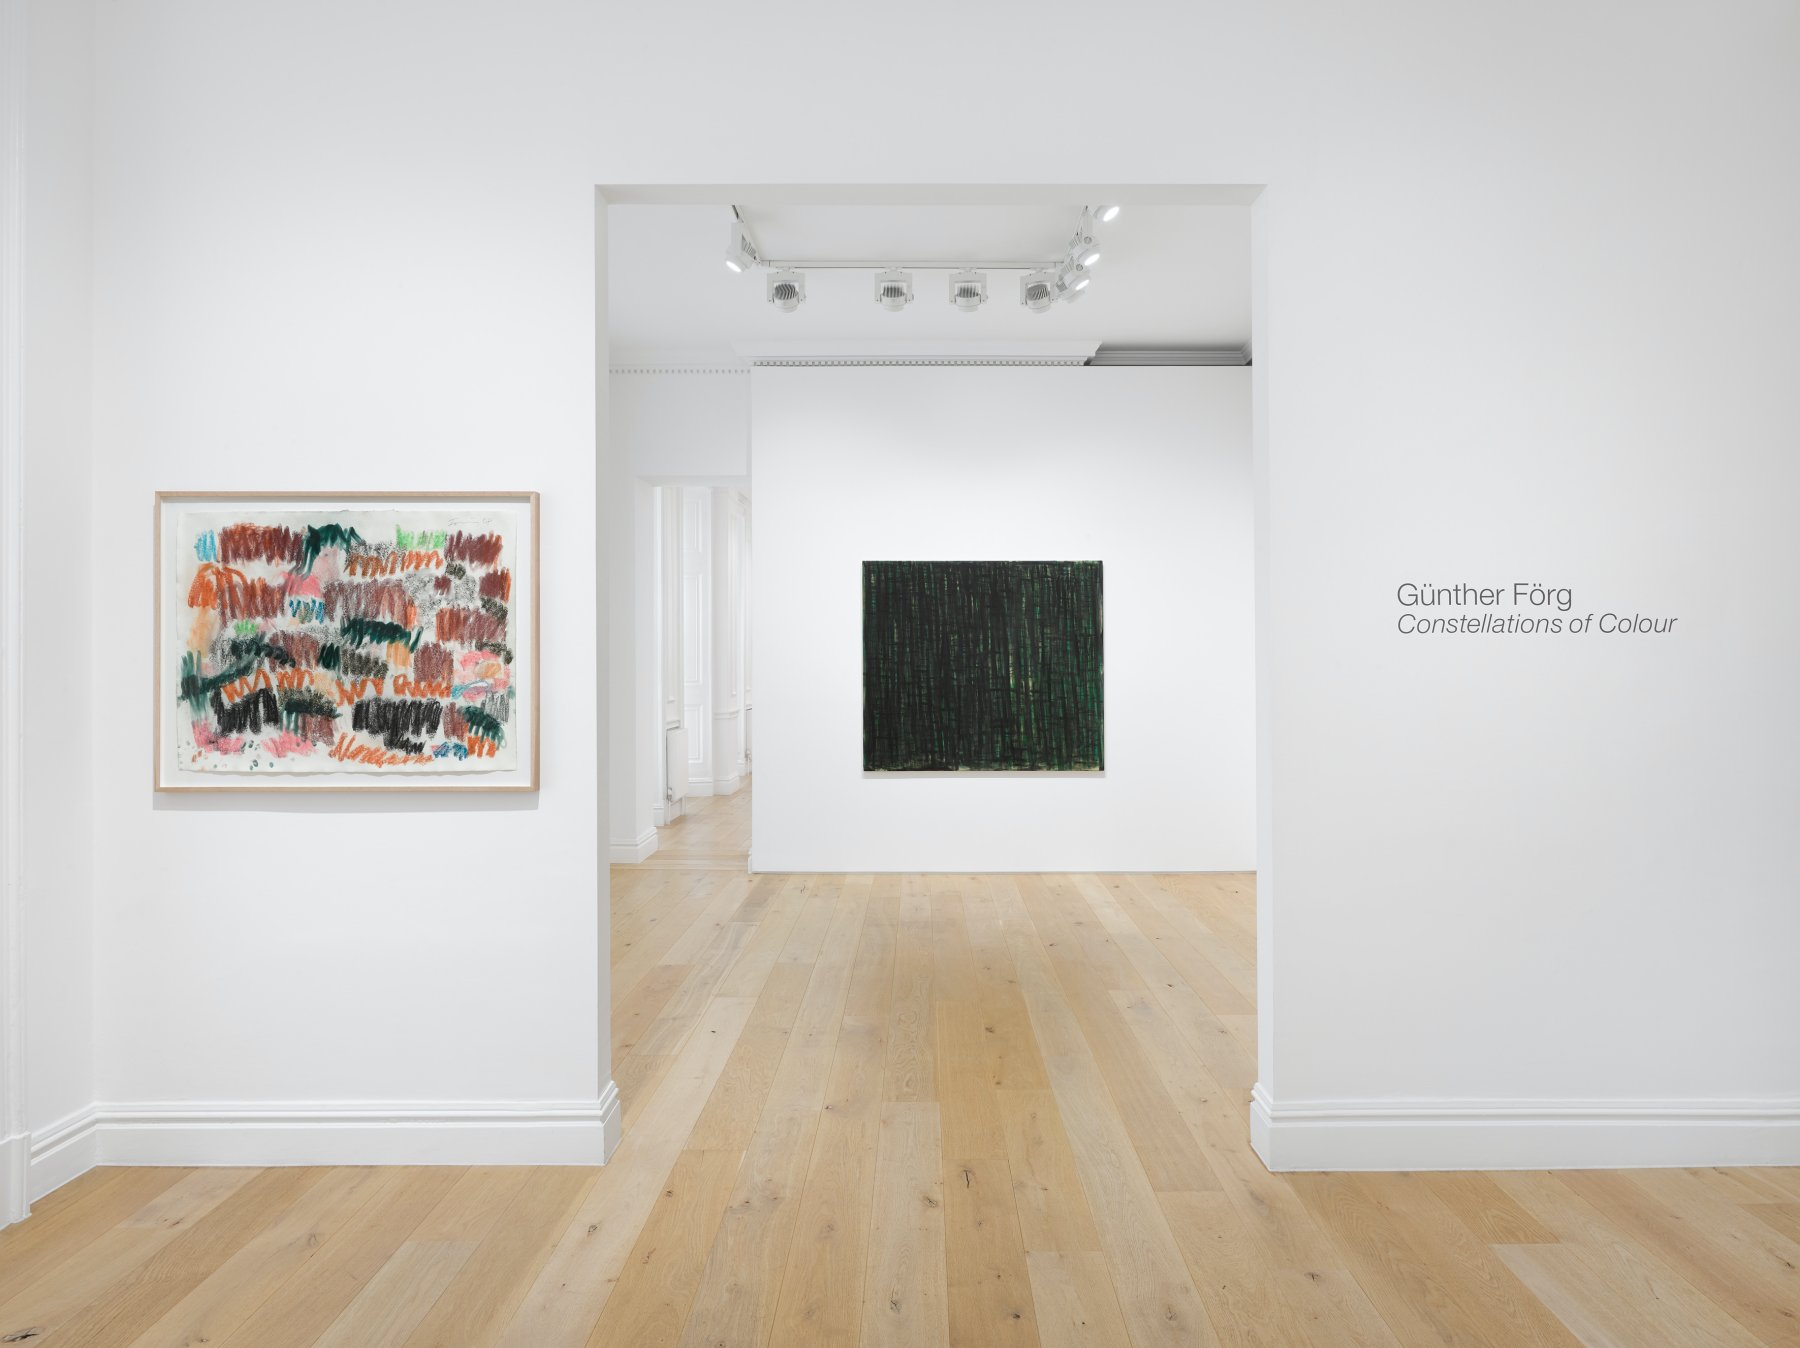 Galerie Max Hetzler Gunther Forg 1